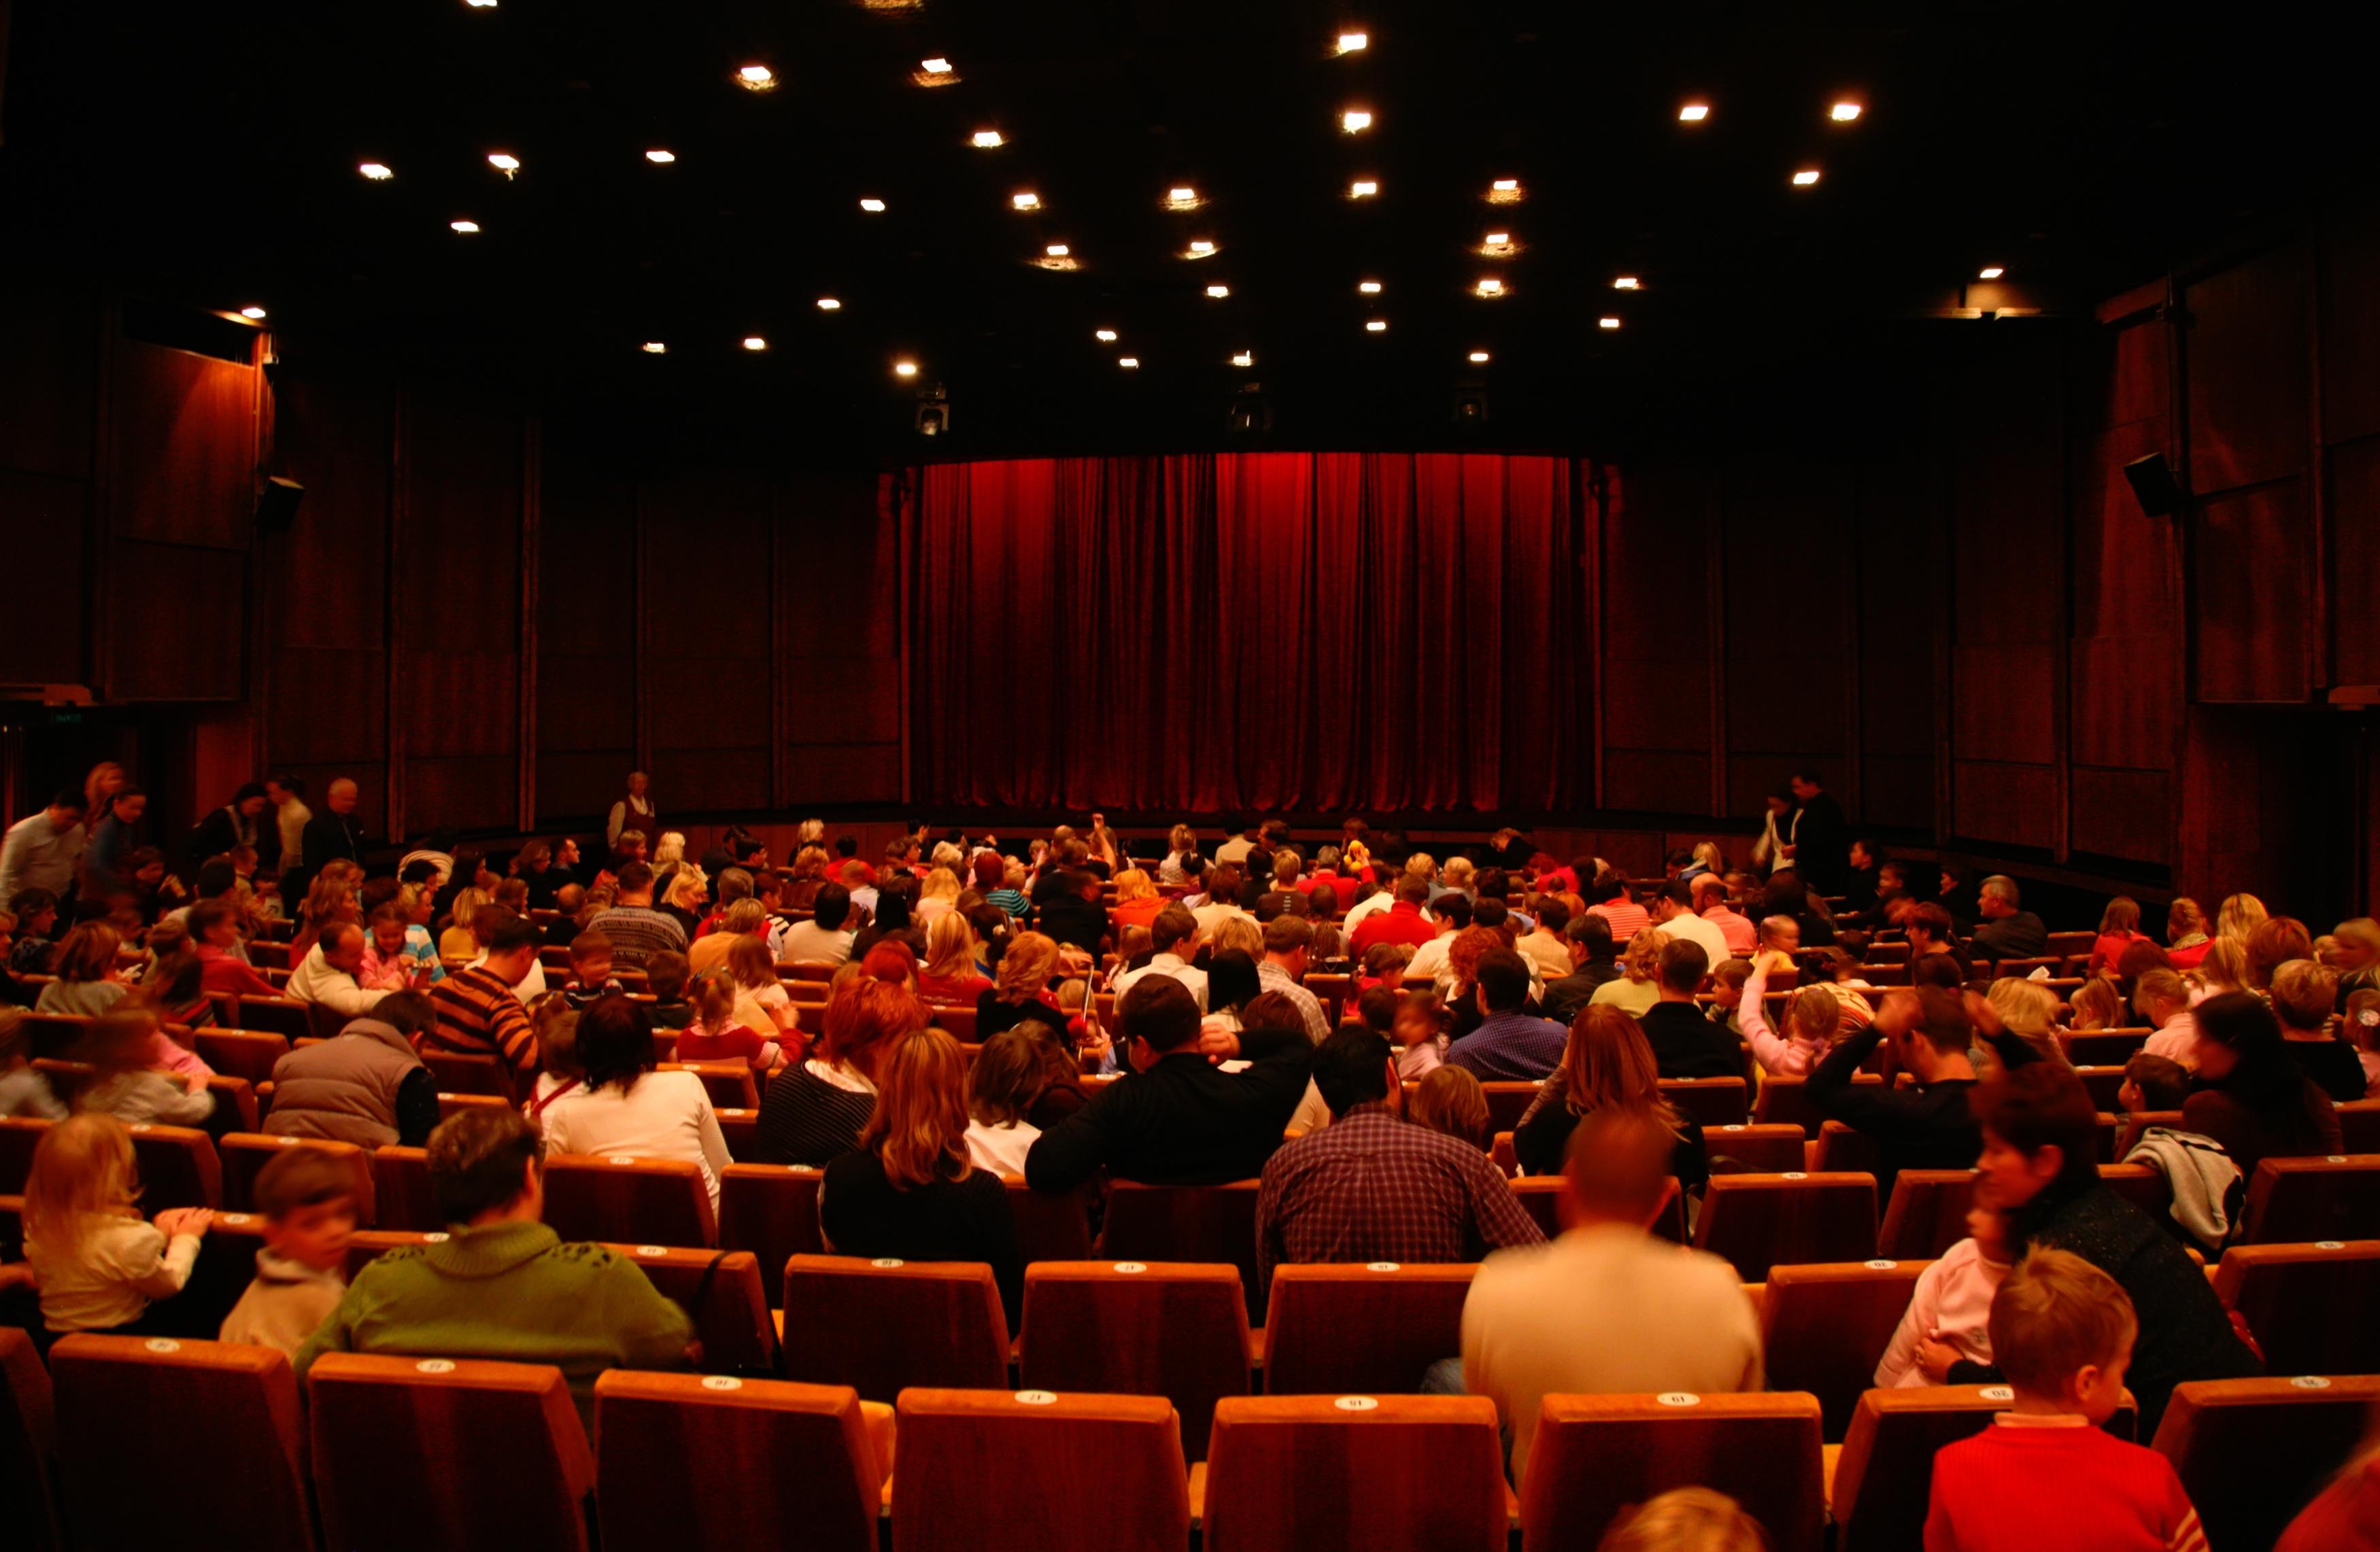 Cinéma avant la séance - M2 Industrie Audiovisuelle P8